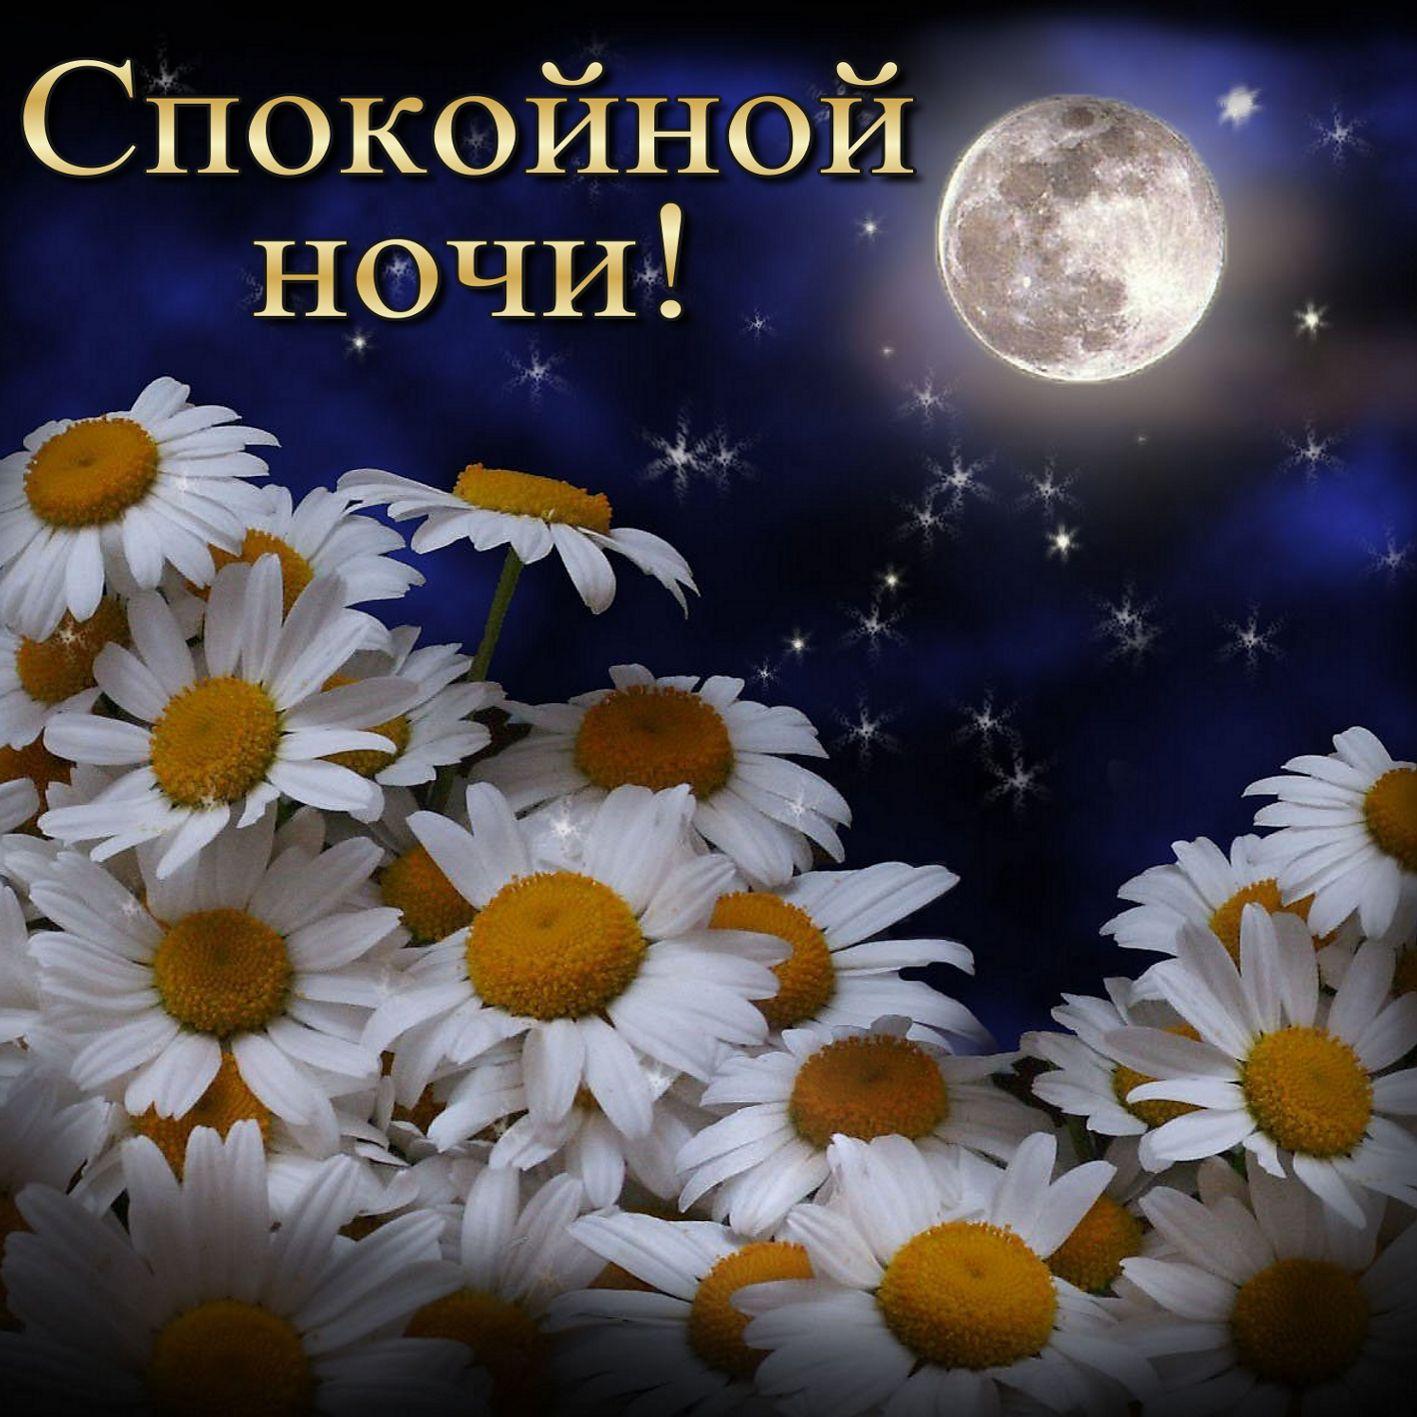 Открытка цветы доброй ночи